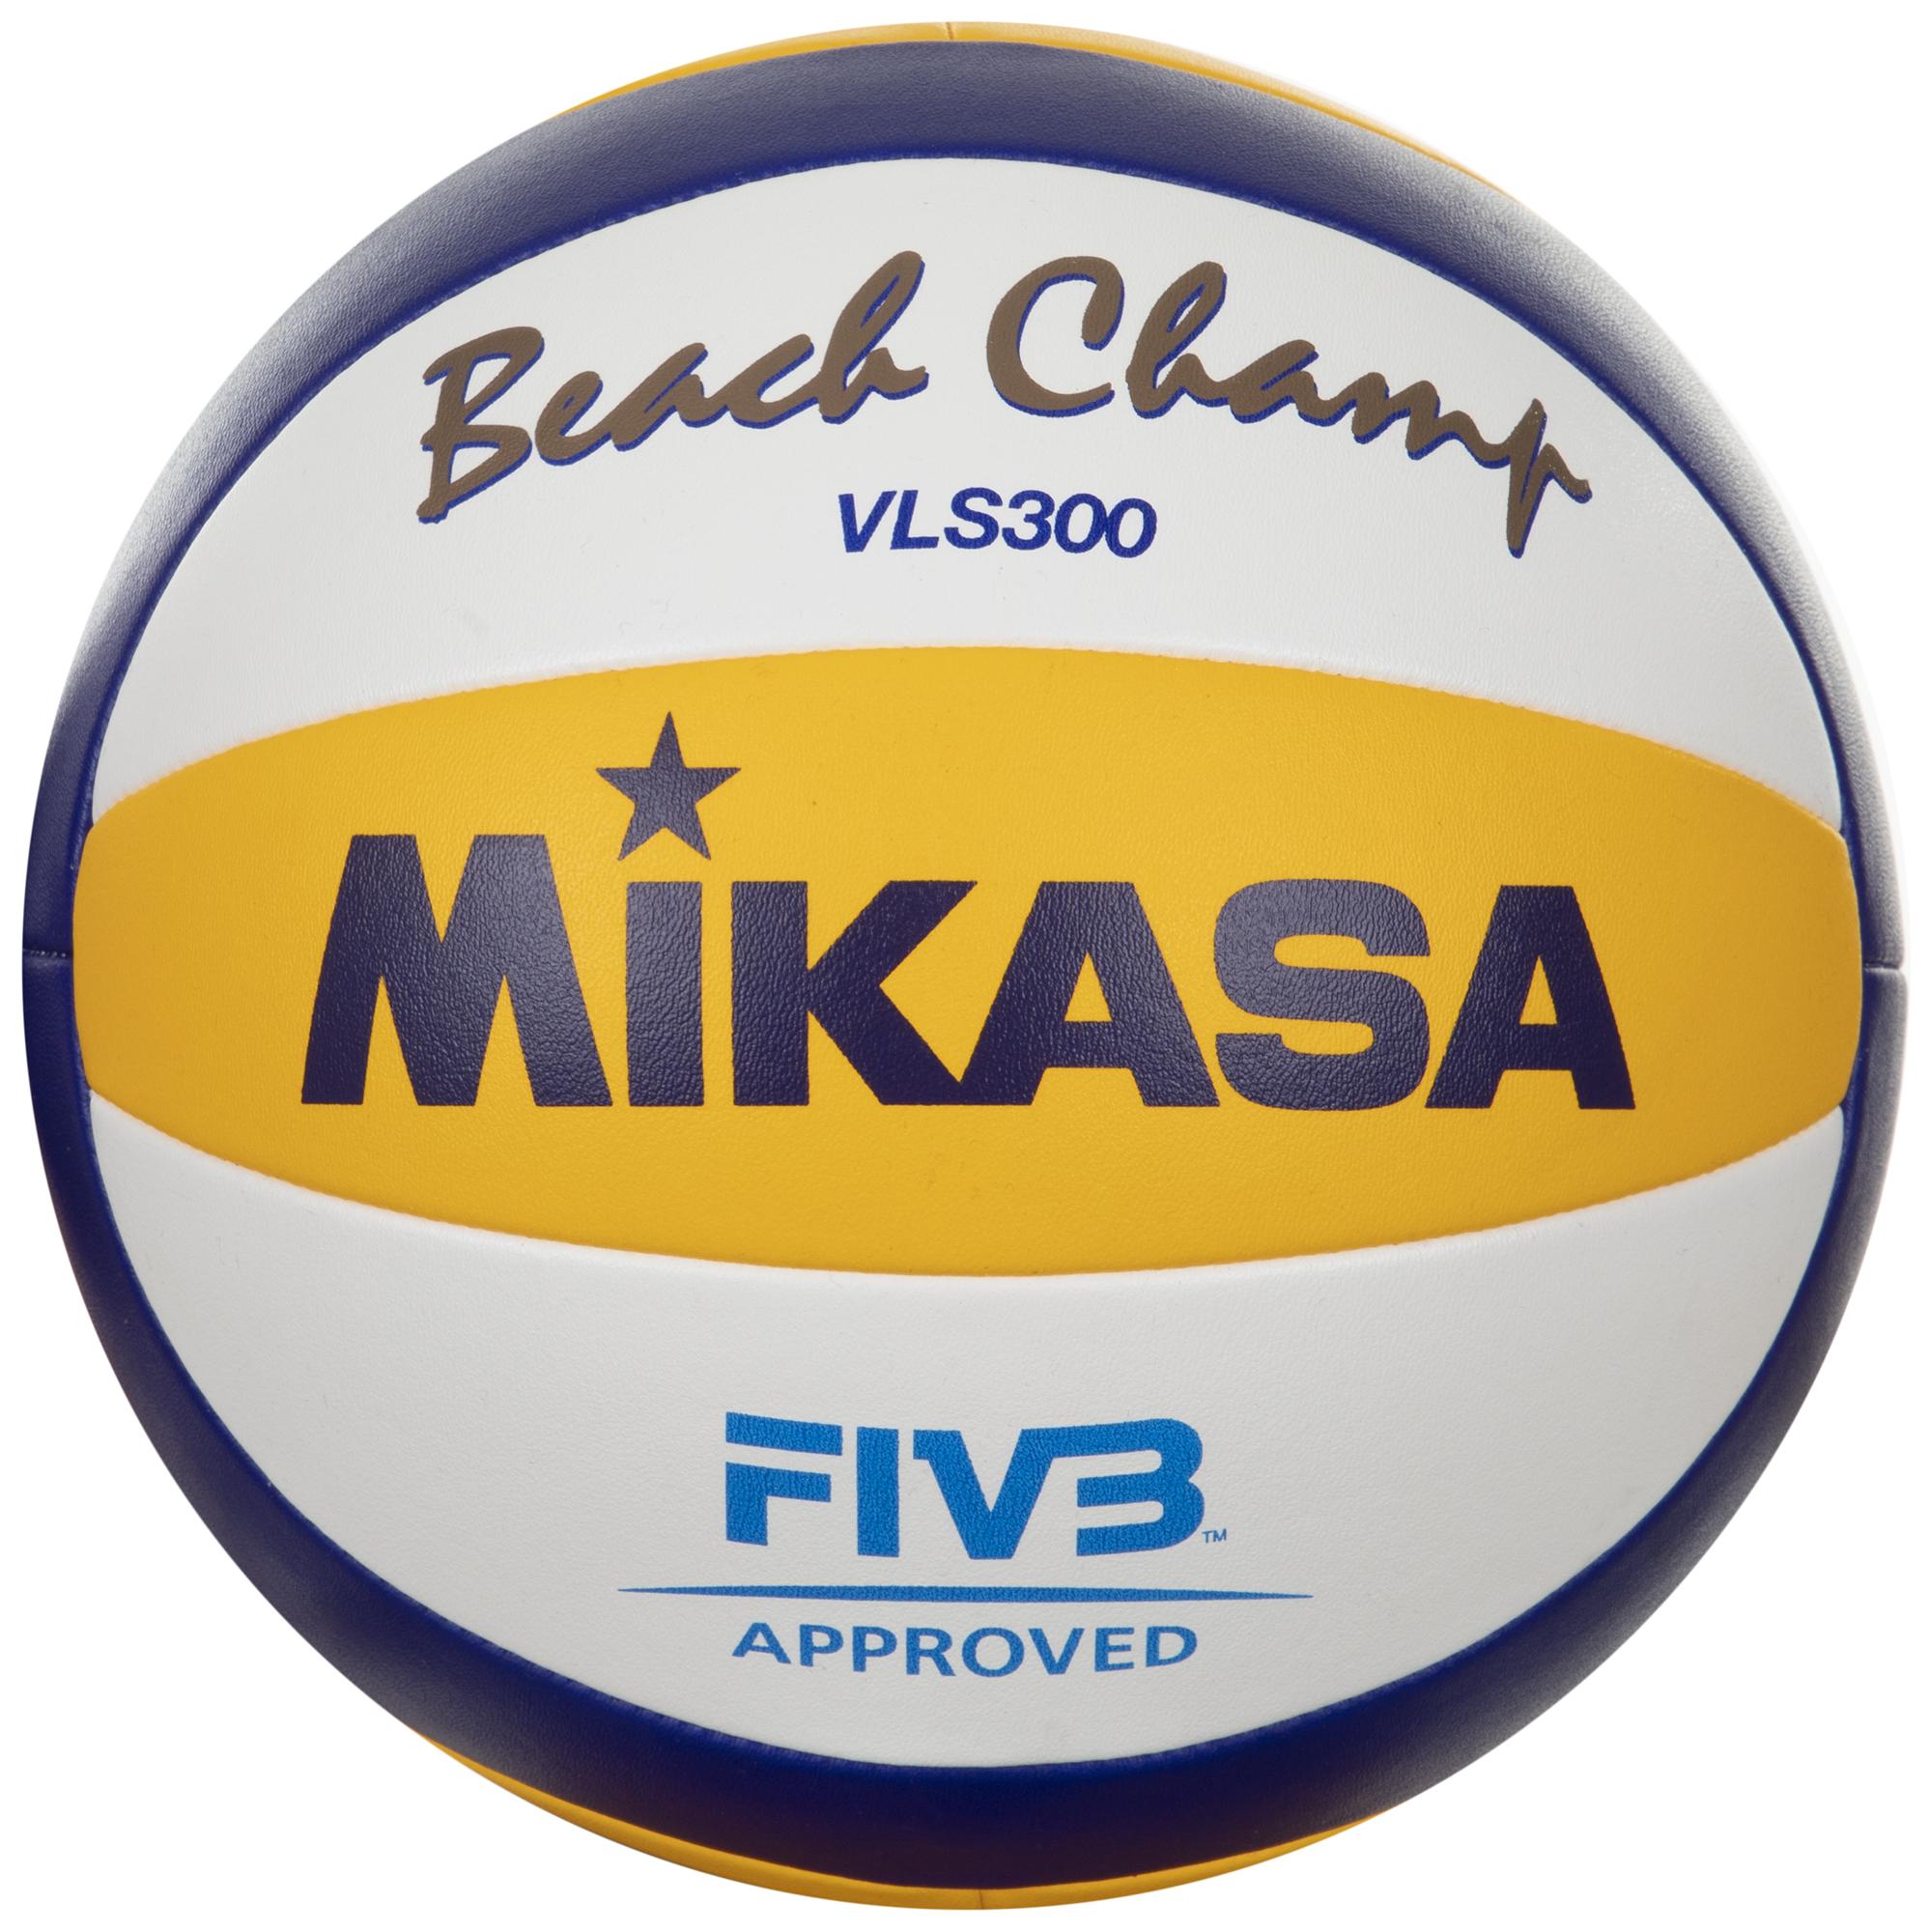 Mikasa Мяч волейбольный MIKASA VLS 300